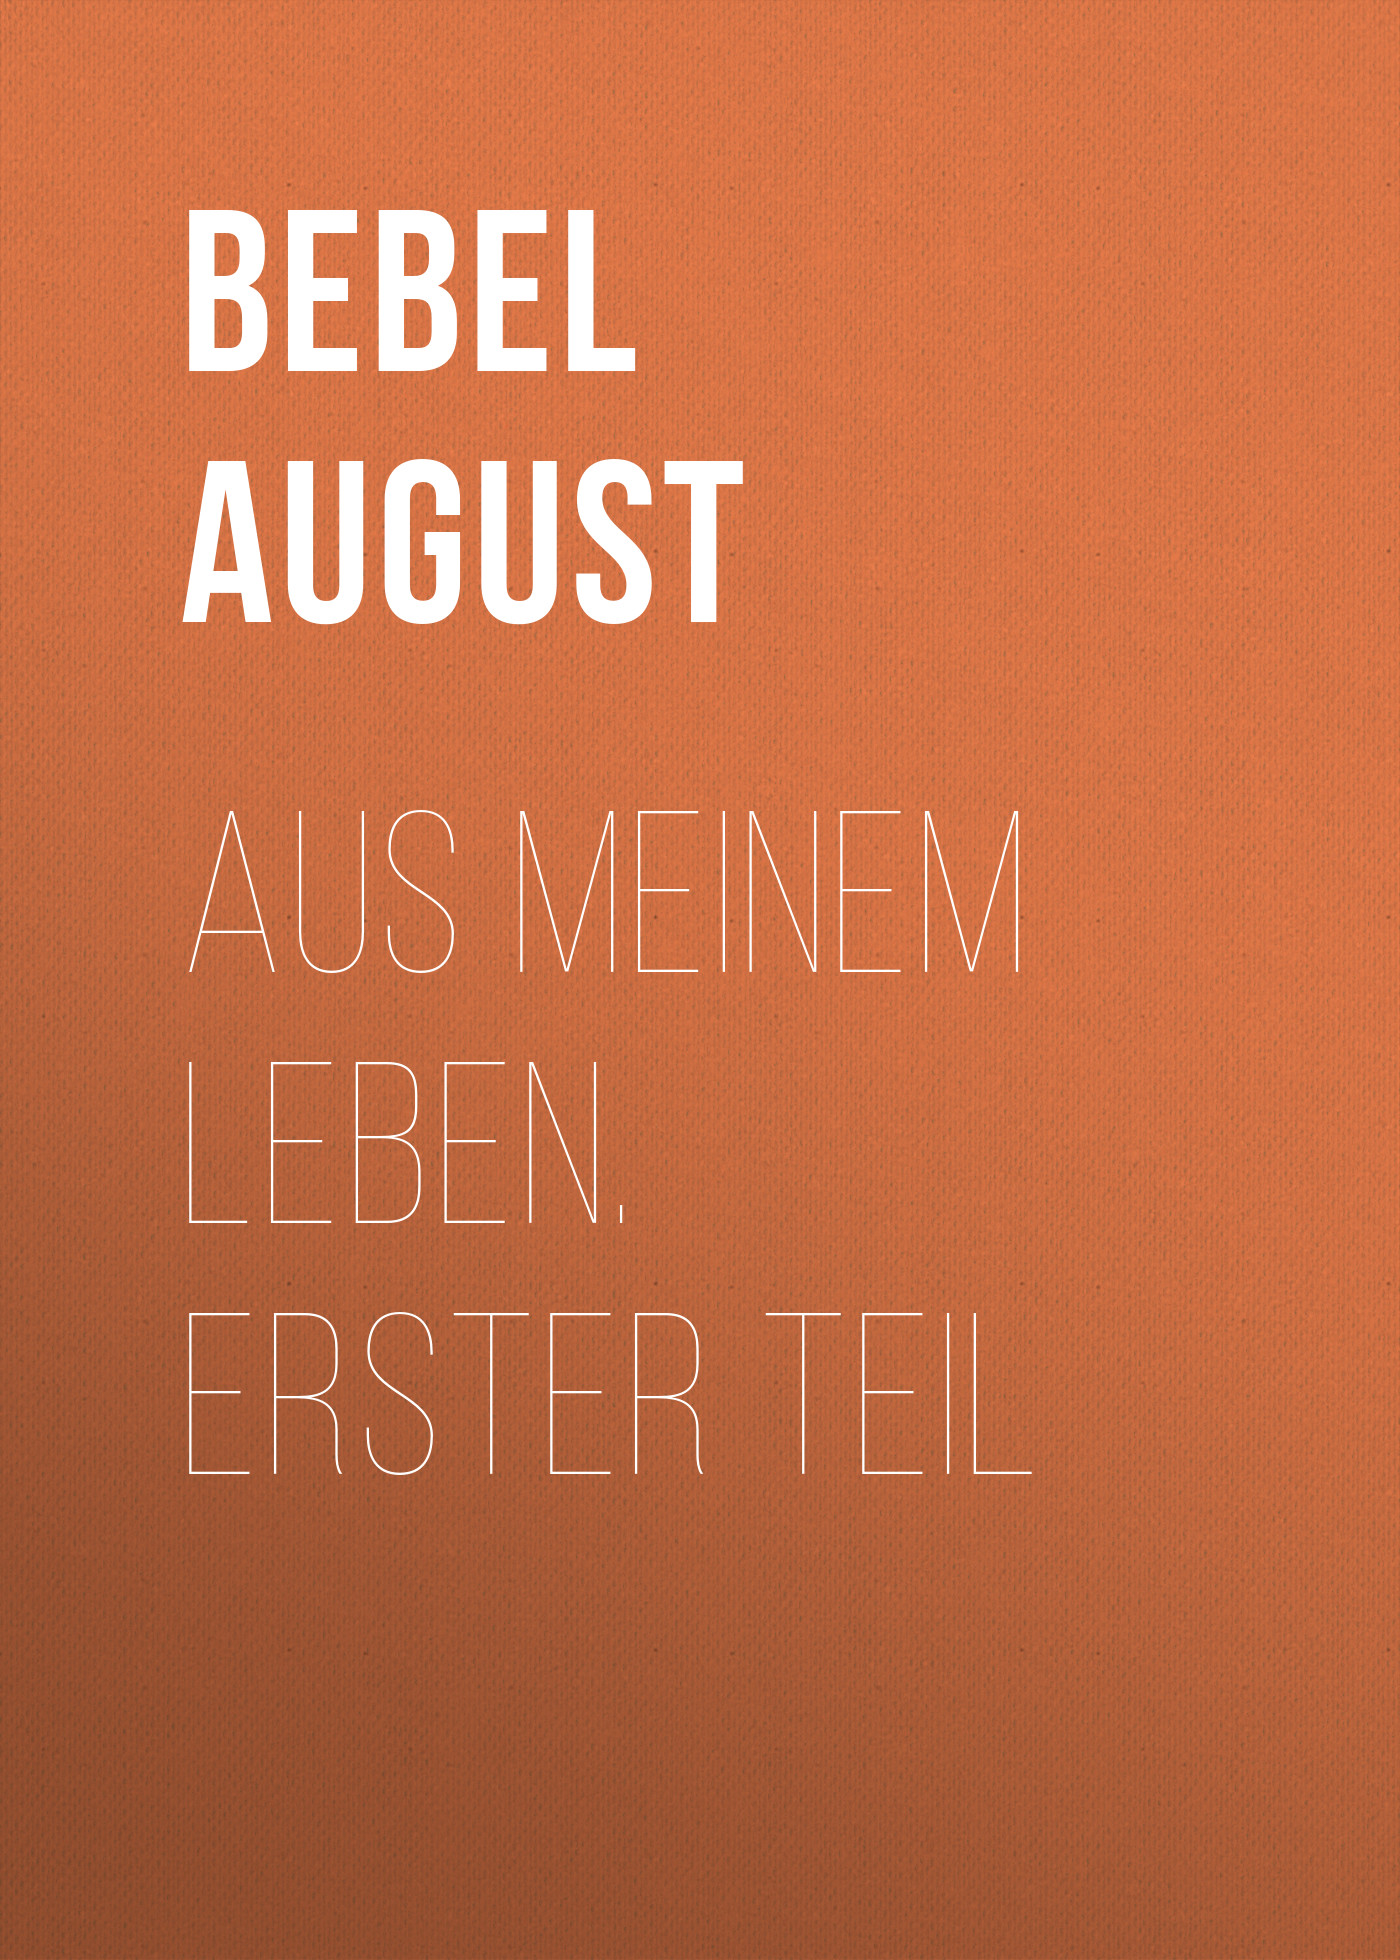 Bebel August Aus meinem Leben. Erster Teil